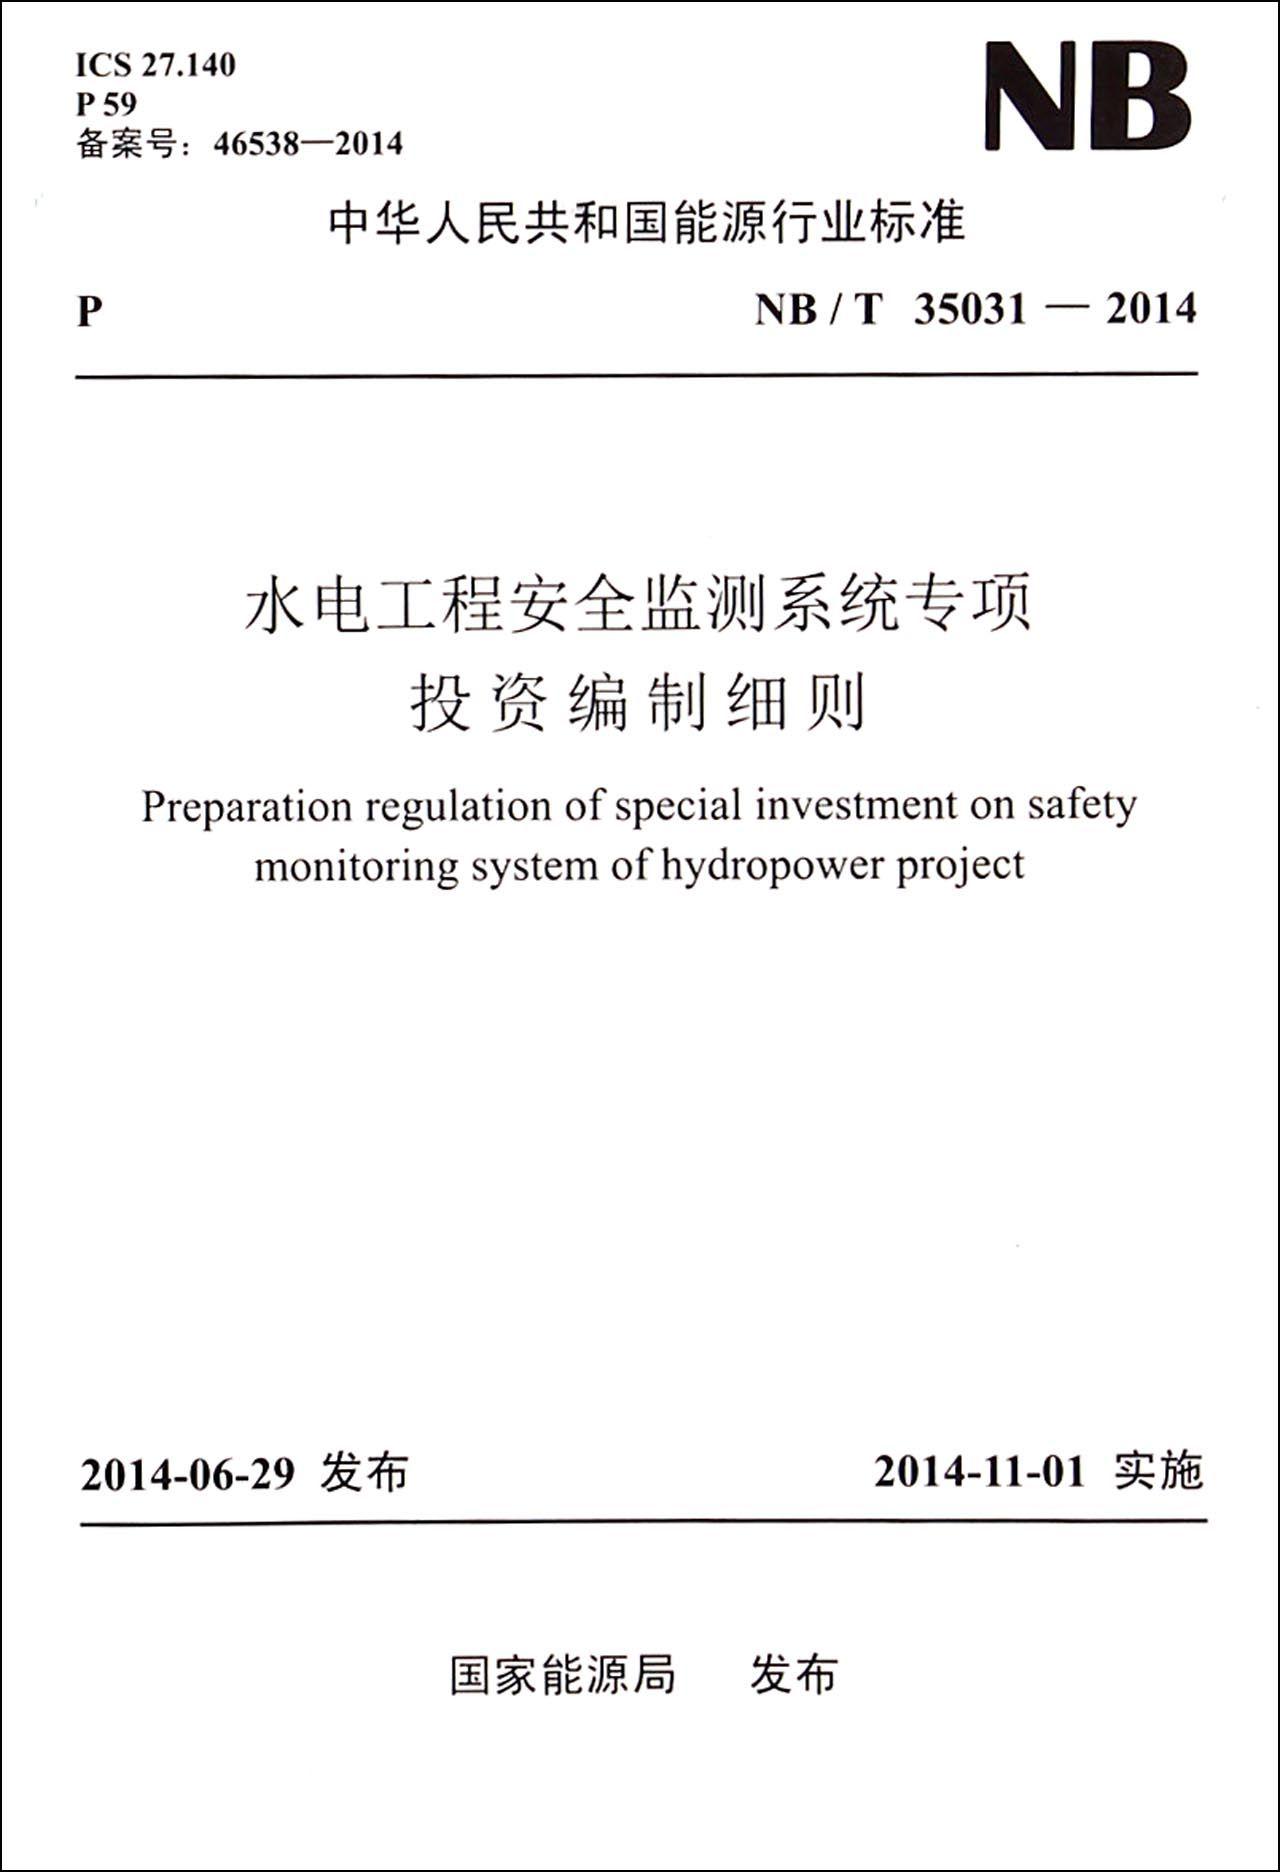 安全系统工程试题_水电工程安全监测 系统 专项投资编制细则(nb\\t35031-)